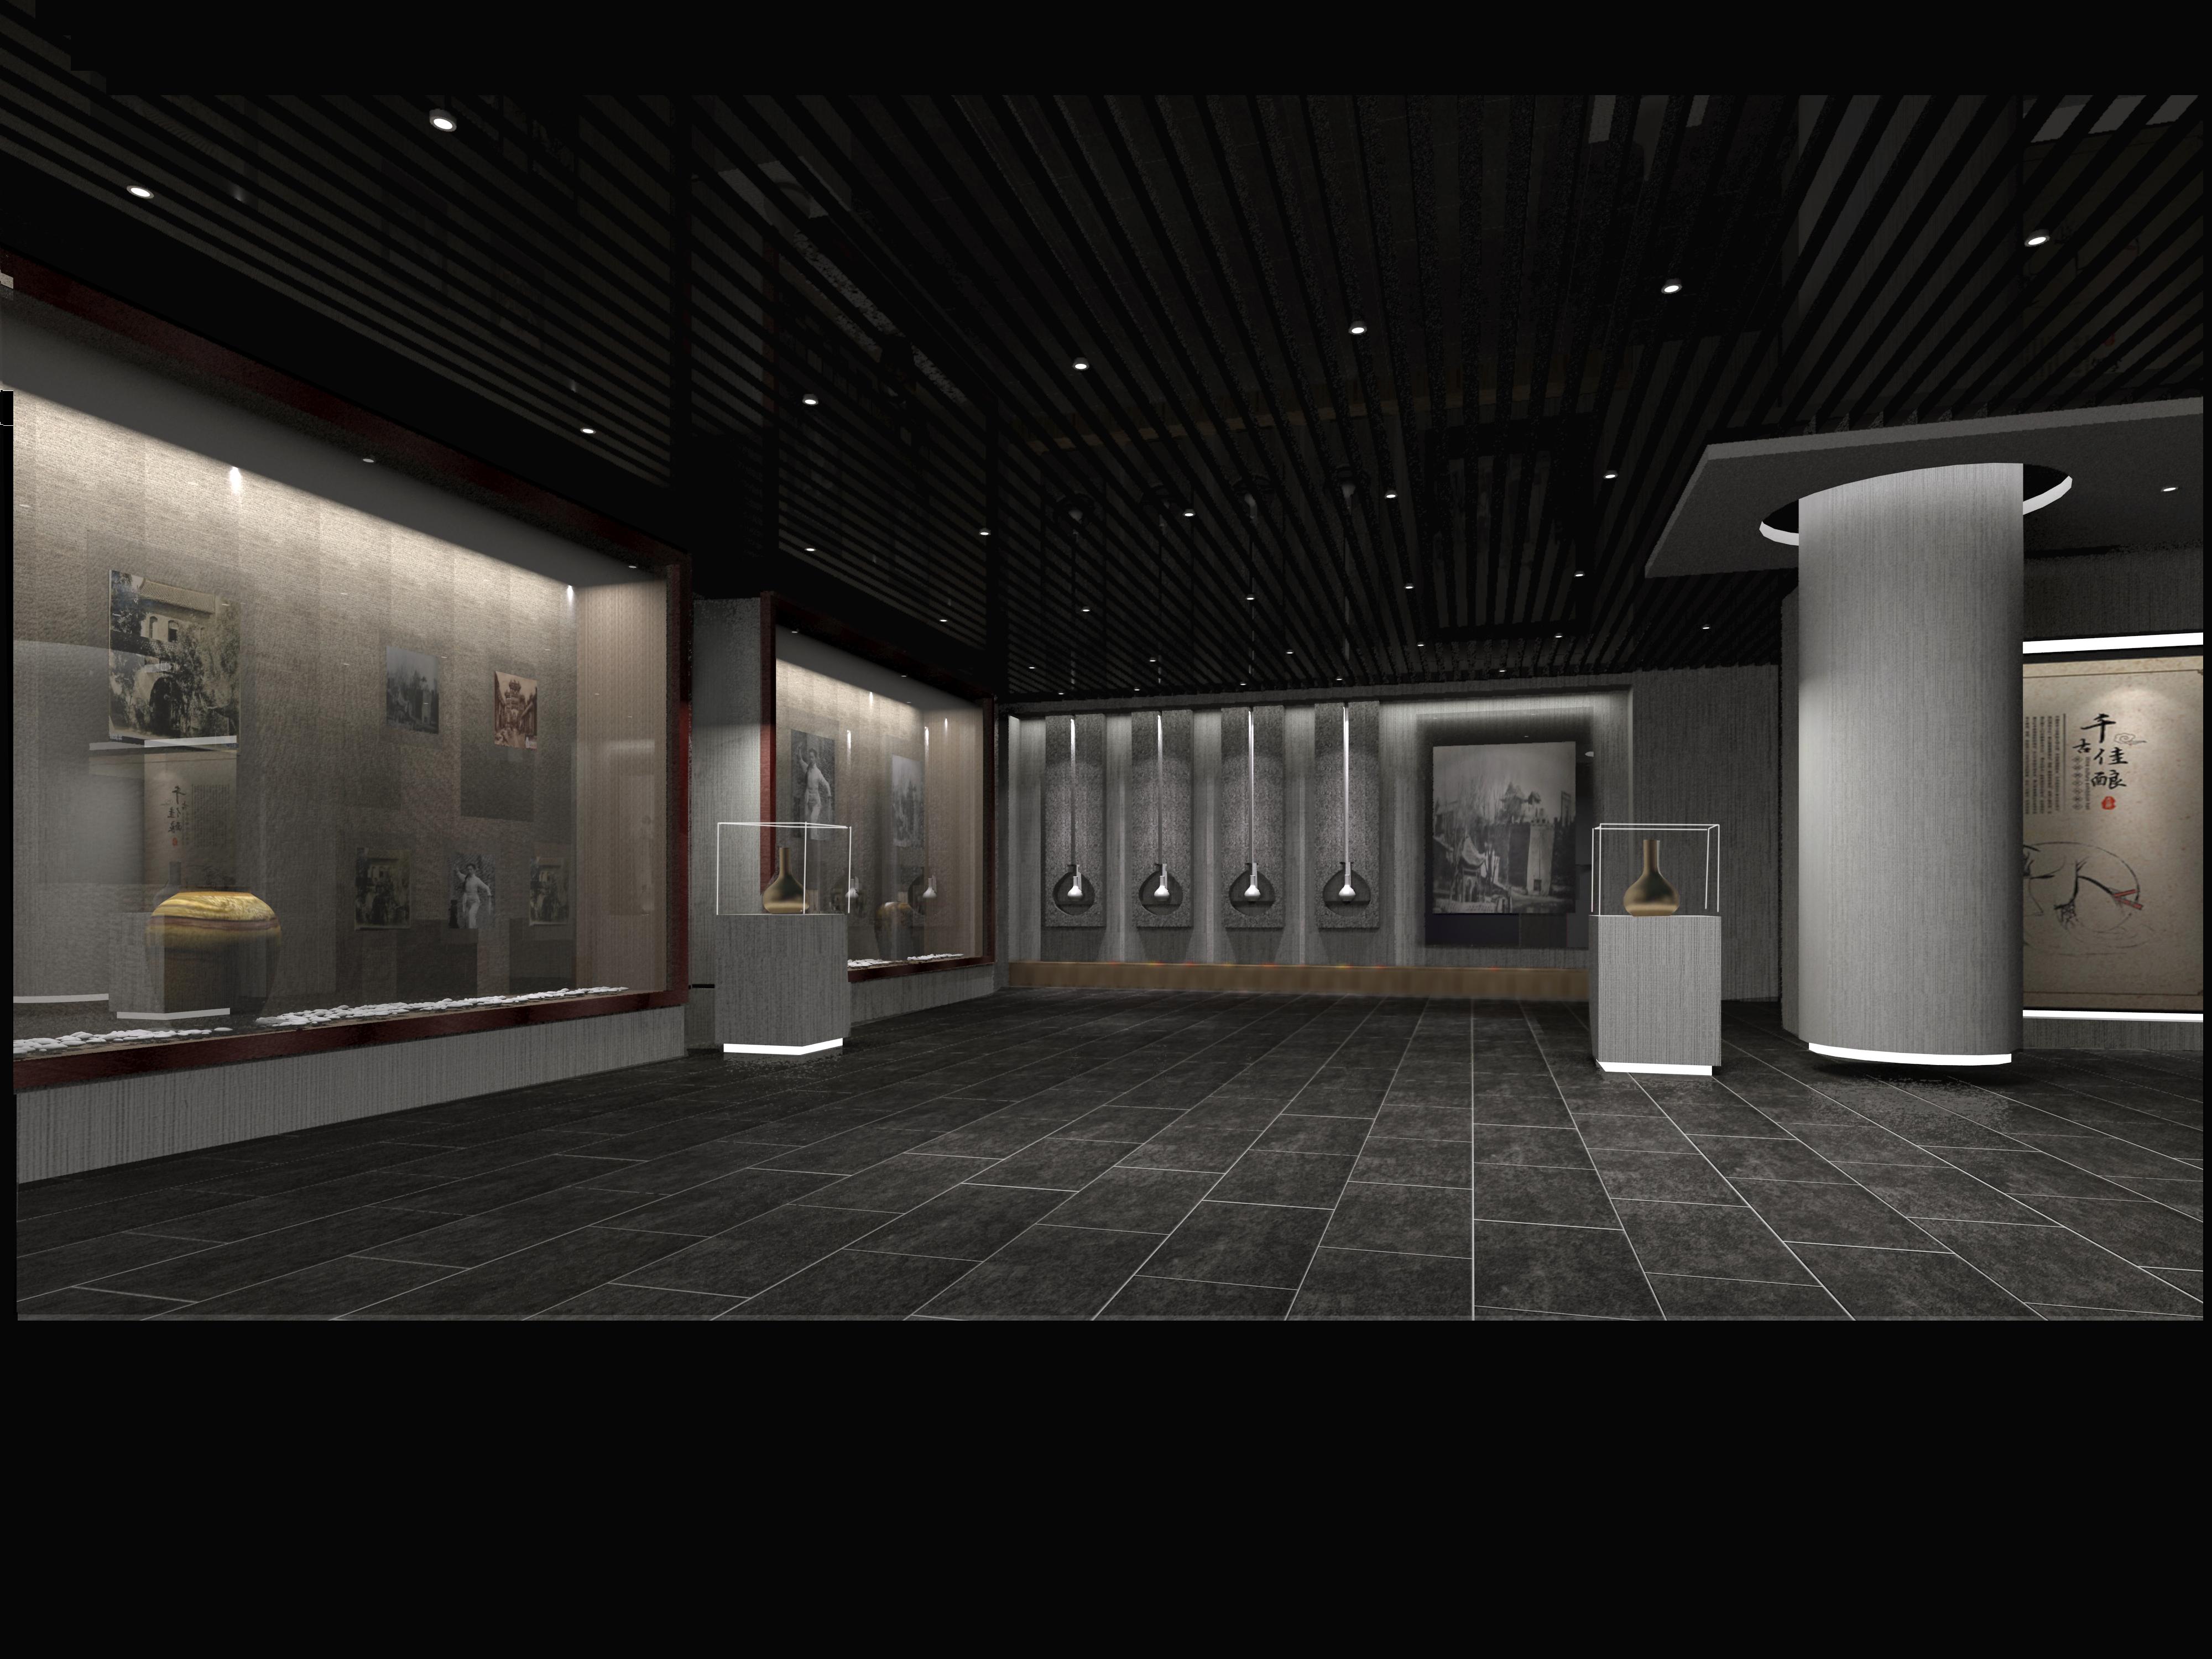 健身房设计休闲娱乐中心设计公装服务效果图门头招牌店铺专卖店